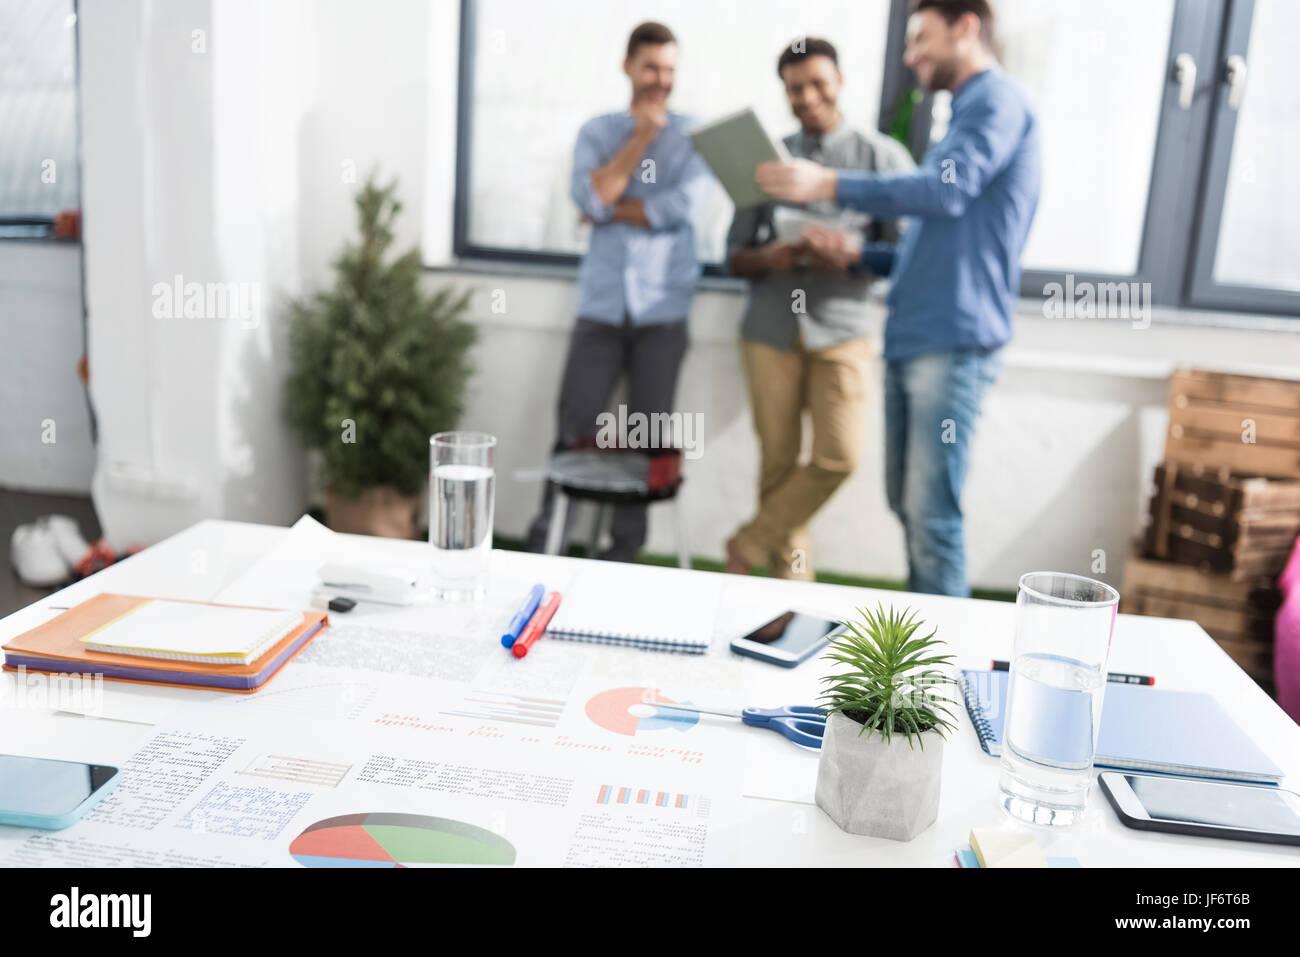 Vista ravvicinata di grafici aziendali e delle forniture di ufficio sulla scrivania e di imprenditori in piedi dietro, Immagini Stock